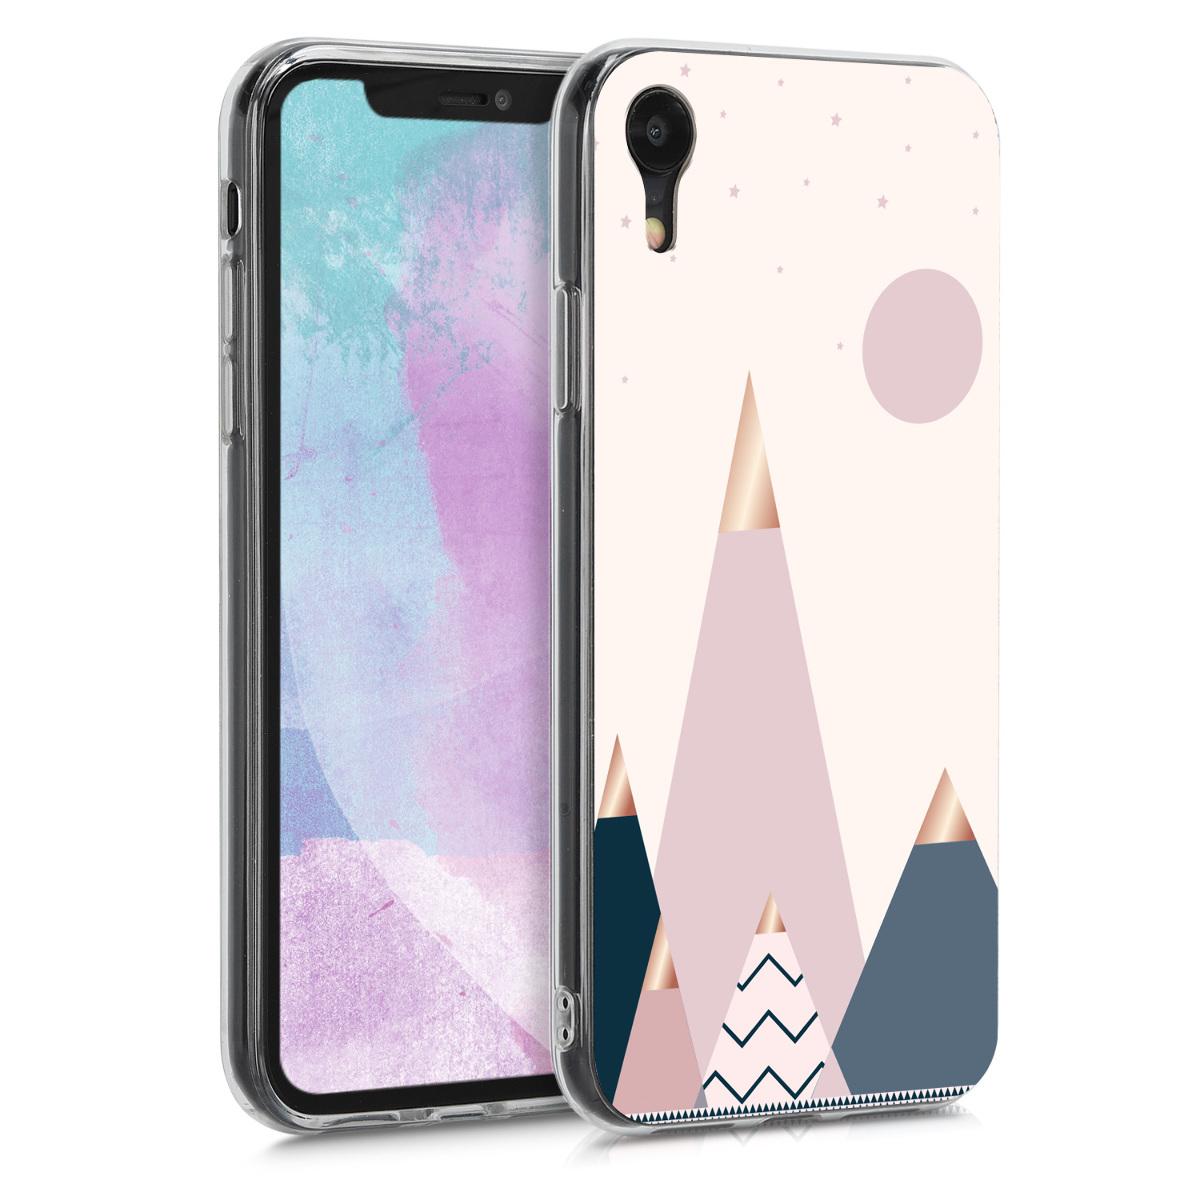 Kvalitní silikonové TPU pouzdro pro Apple iPhone XR - Měsíc a hory Rose Gold | Modrá | světle růžová